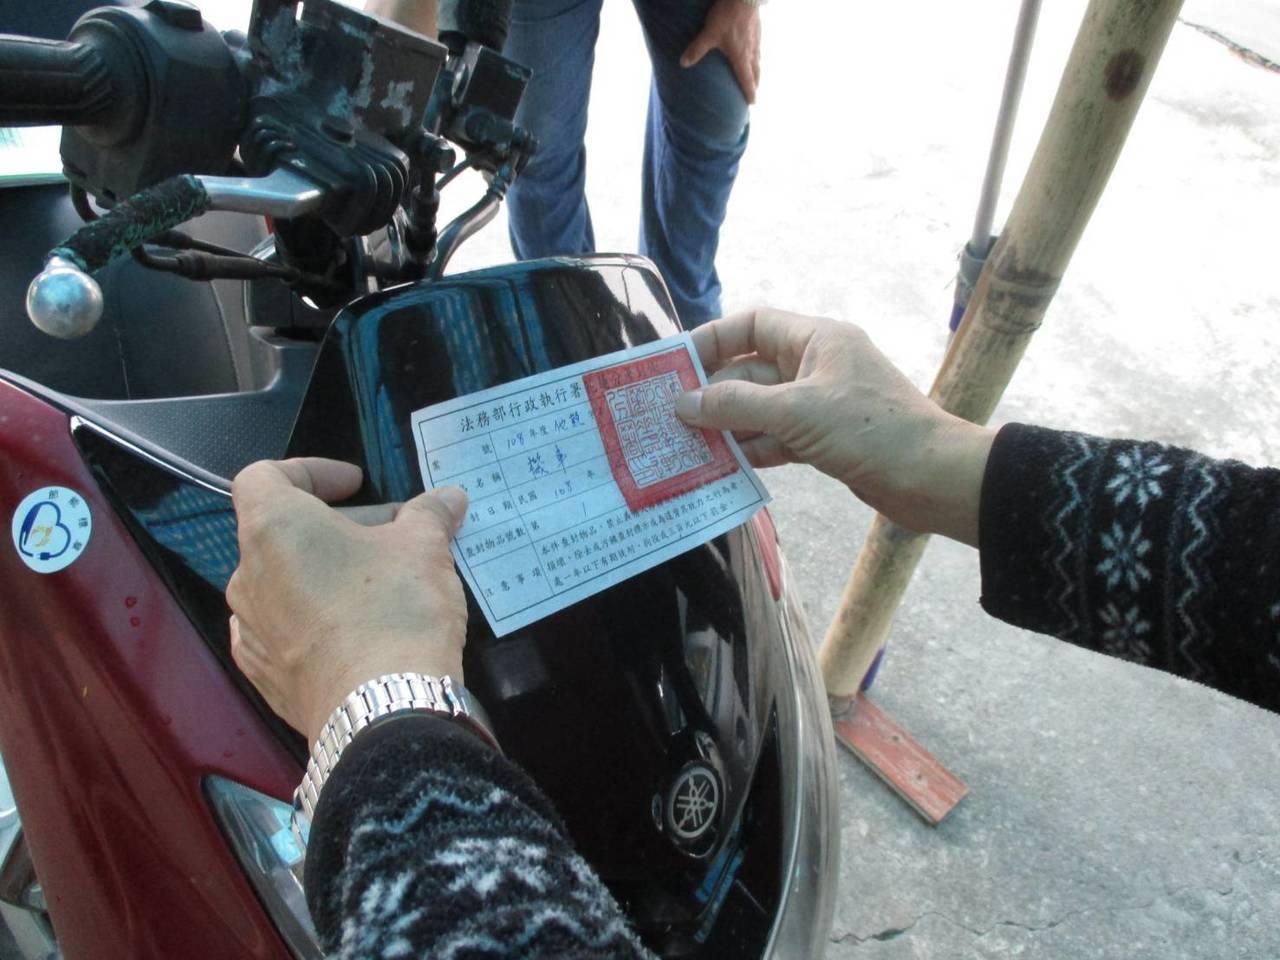 執行署人員在機車貼上封條。記者余衡/翻攝